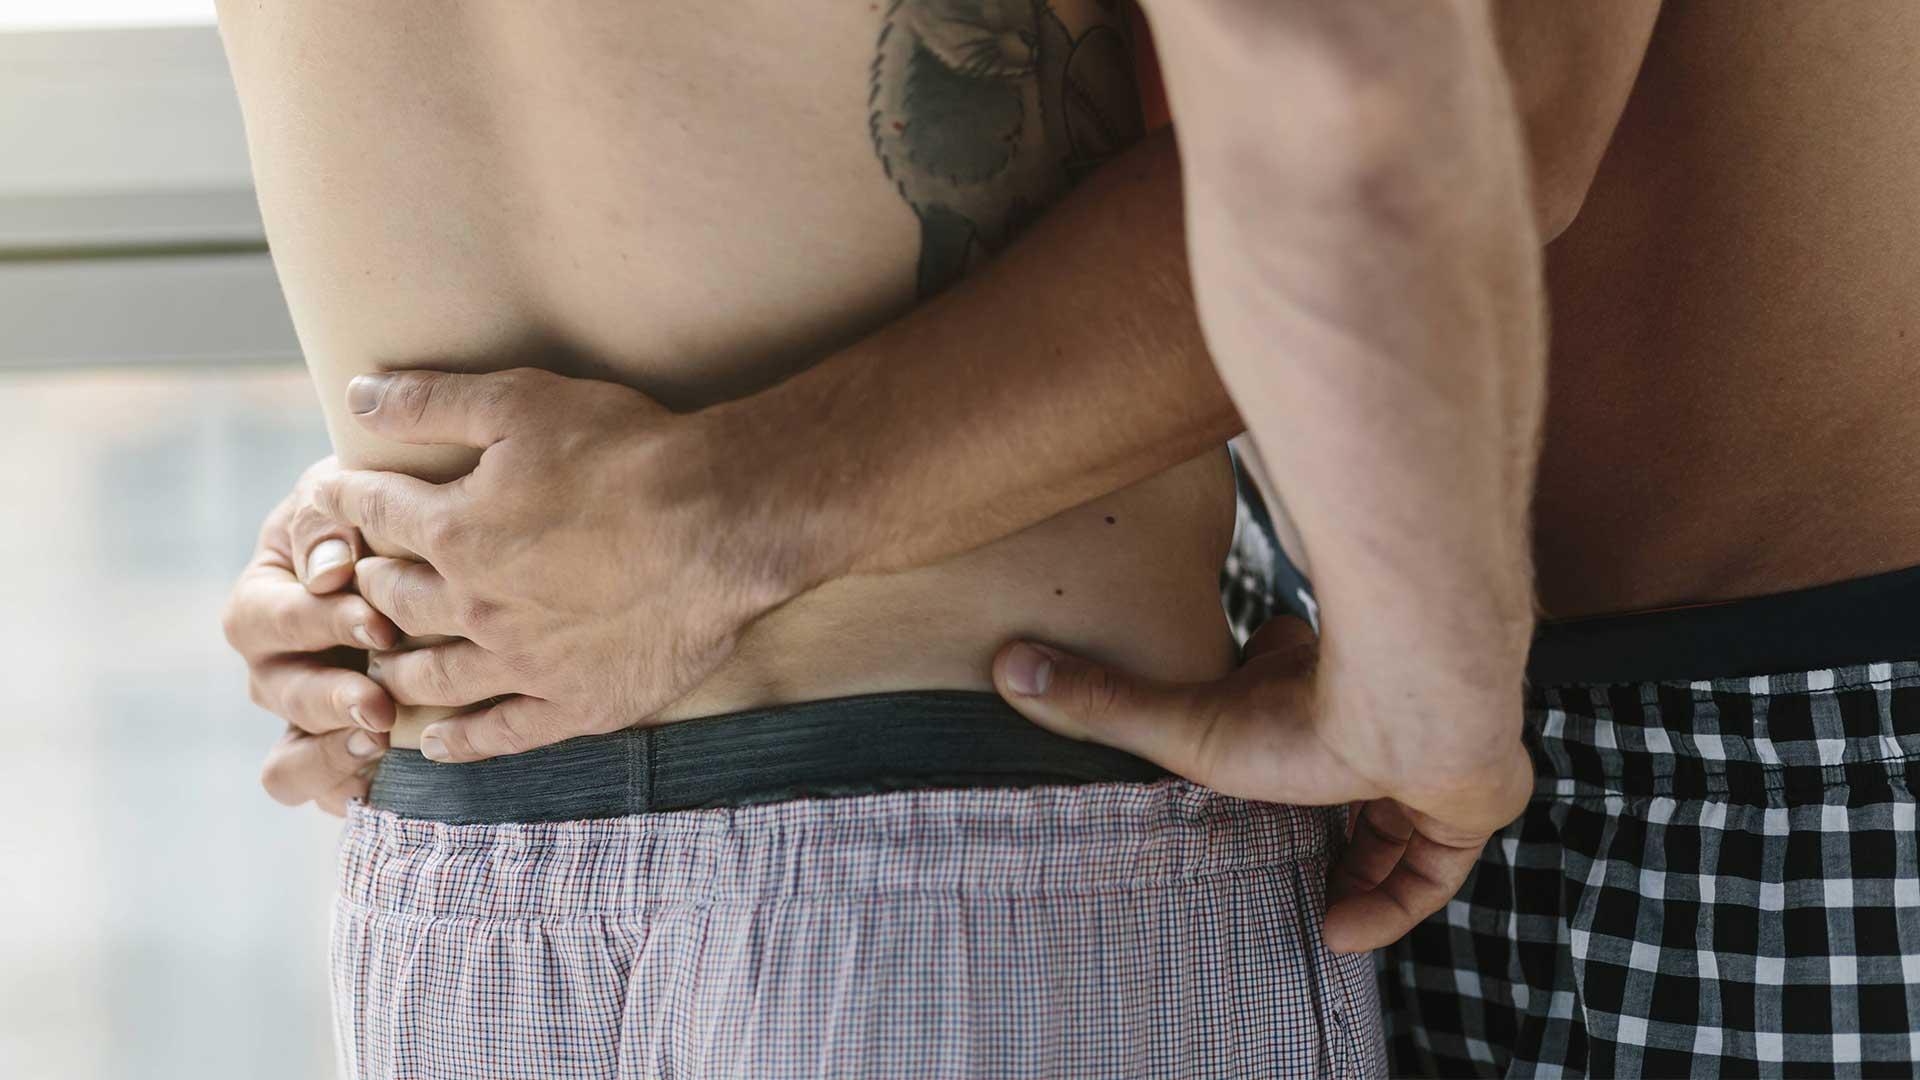 Zärtlicher Körperkontakt zwischen zwei Männern.